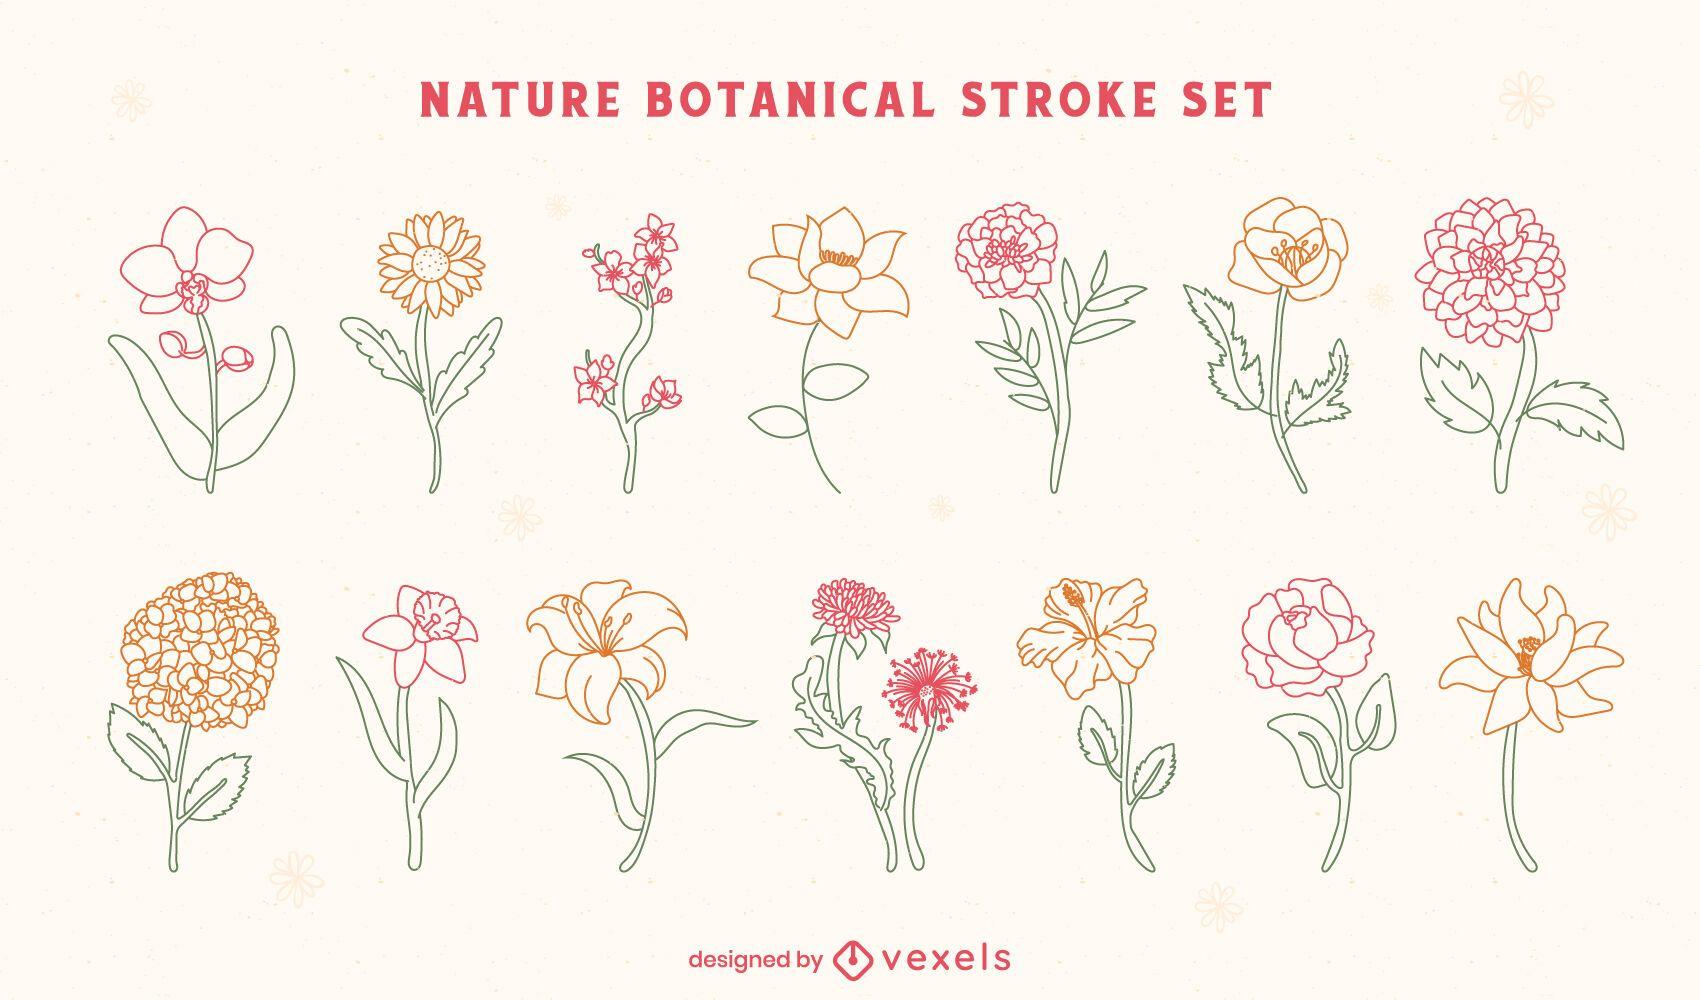 Blumen Natur botanische Linienkunst gesetzt